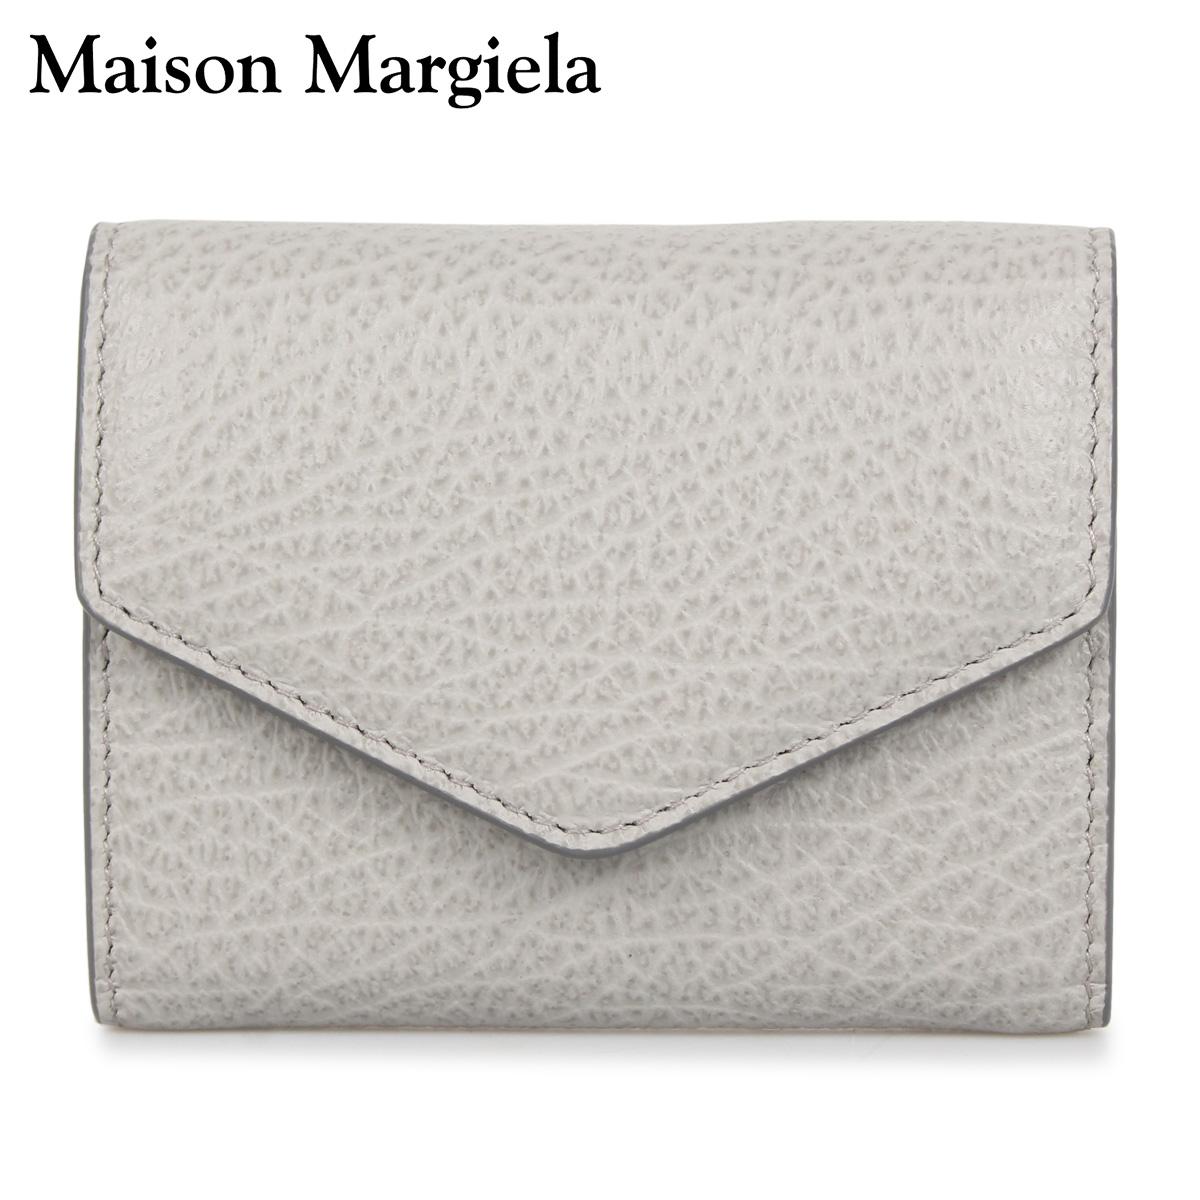 MAISON MARGIELA メゾンマルジェラ 財布 ミニ財布 メンズ レディース WALLET グレー S56UI0149 [3/12 新入荷]